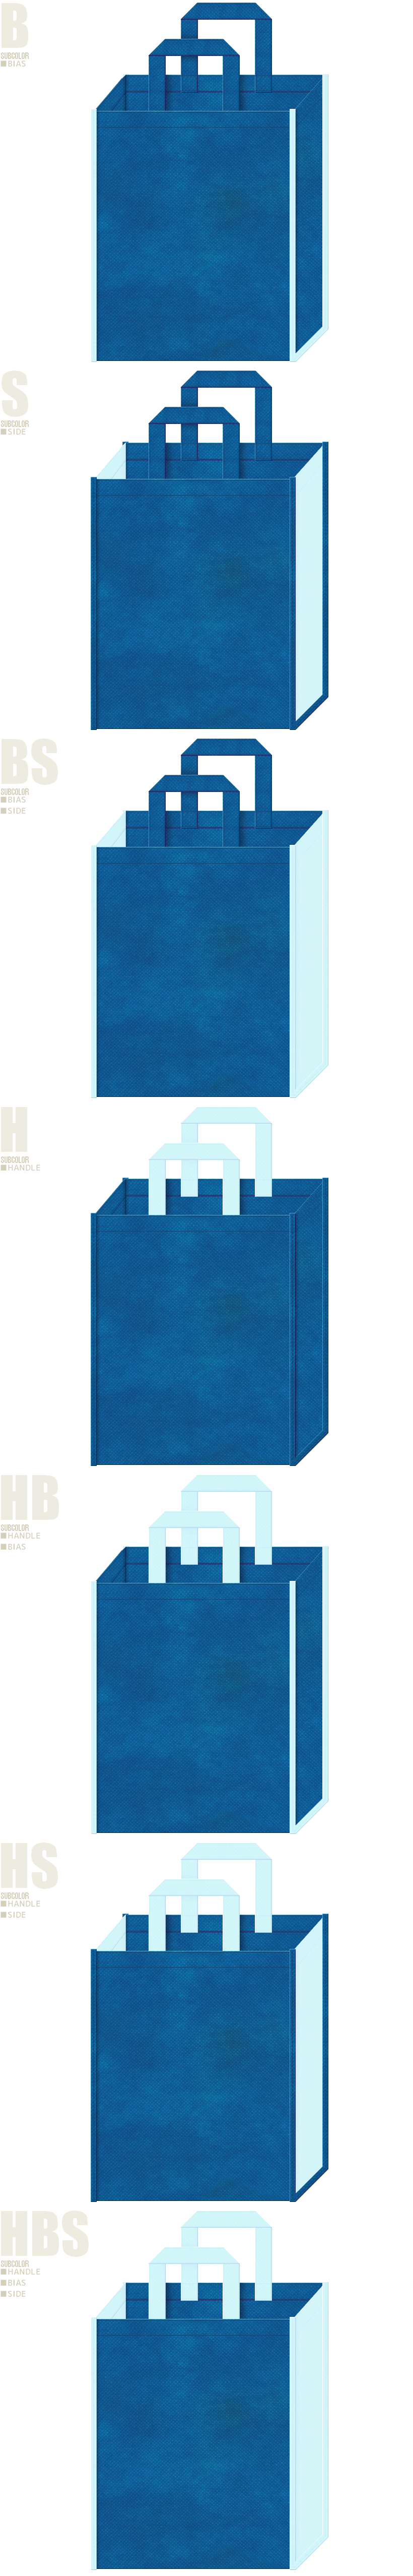 ビーチ用品・水族館・アクアリウム・水素・人工知能・水と環境・水資源・CO2削減・環境セミナー・環境イベントにお奨めの不織布バッグデザイン:青色と水色の配色7パターン